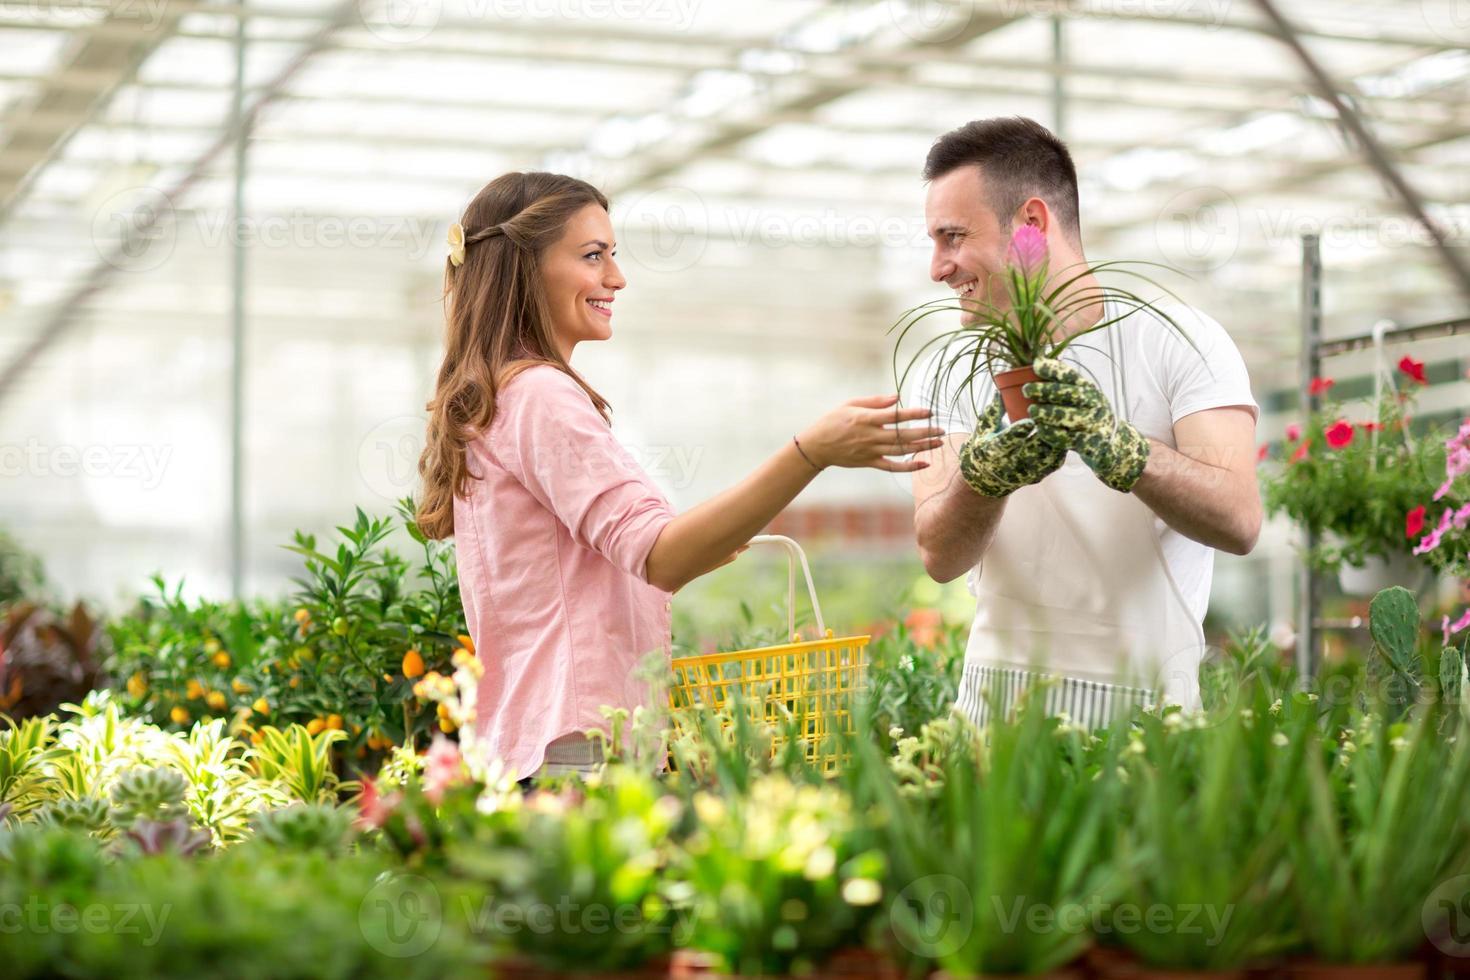 vendedor recomendar flores em estufas foto